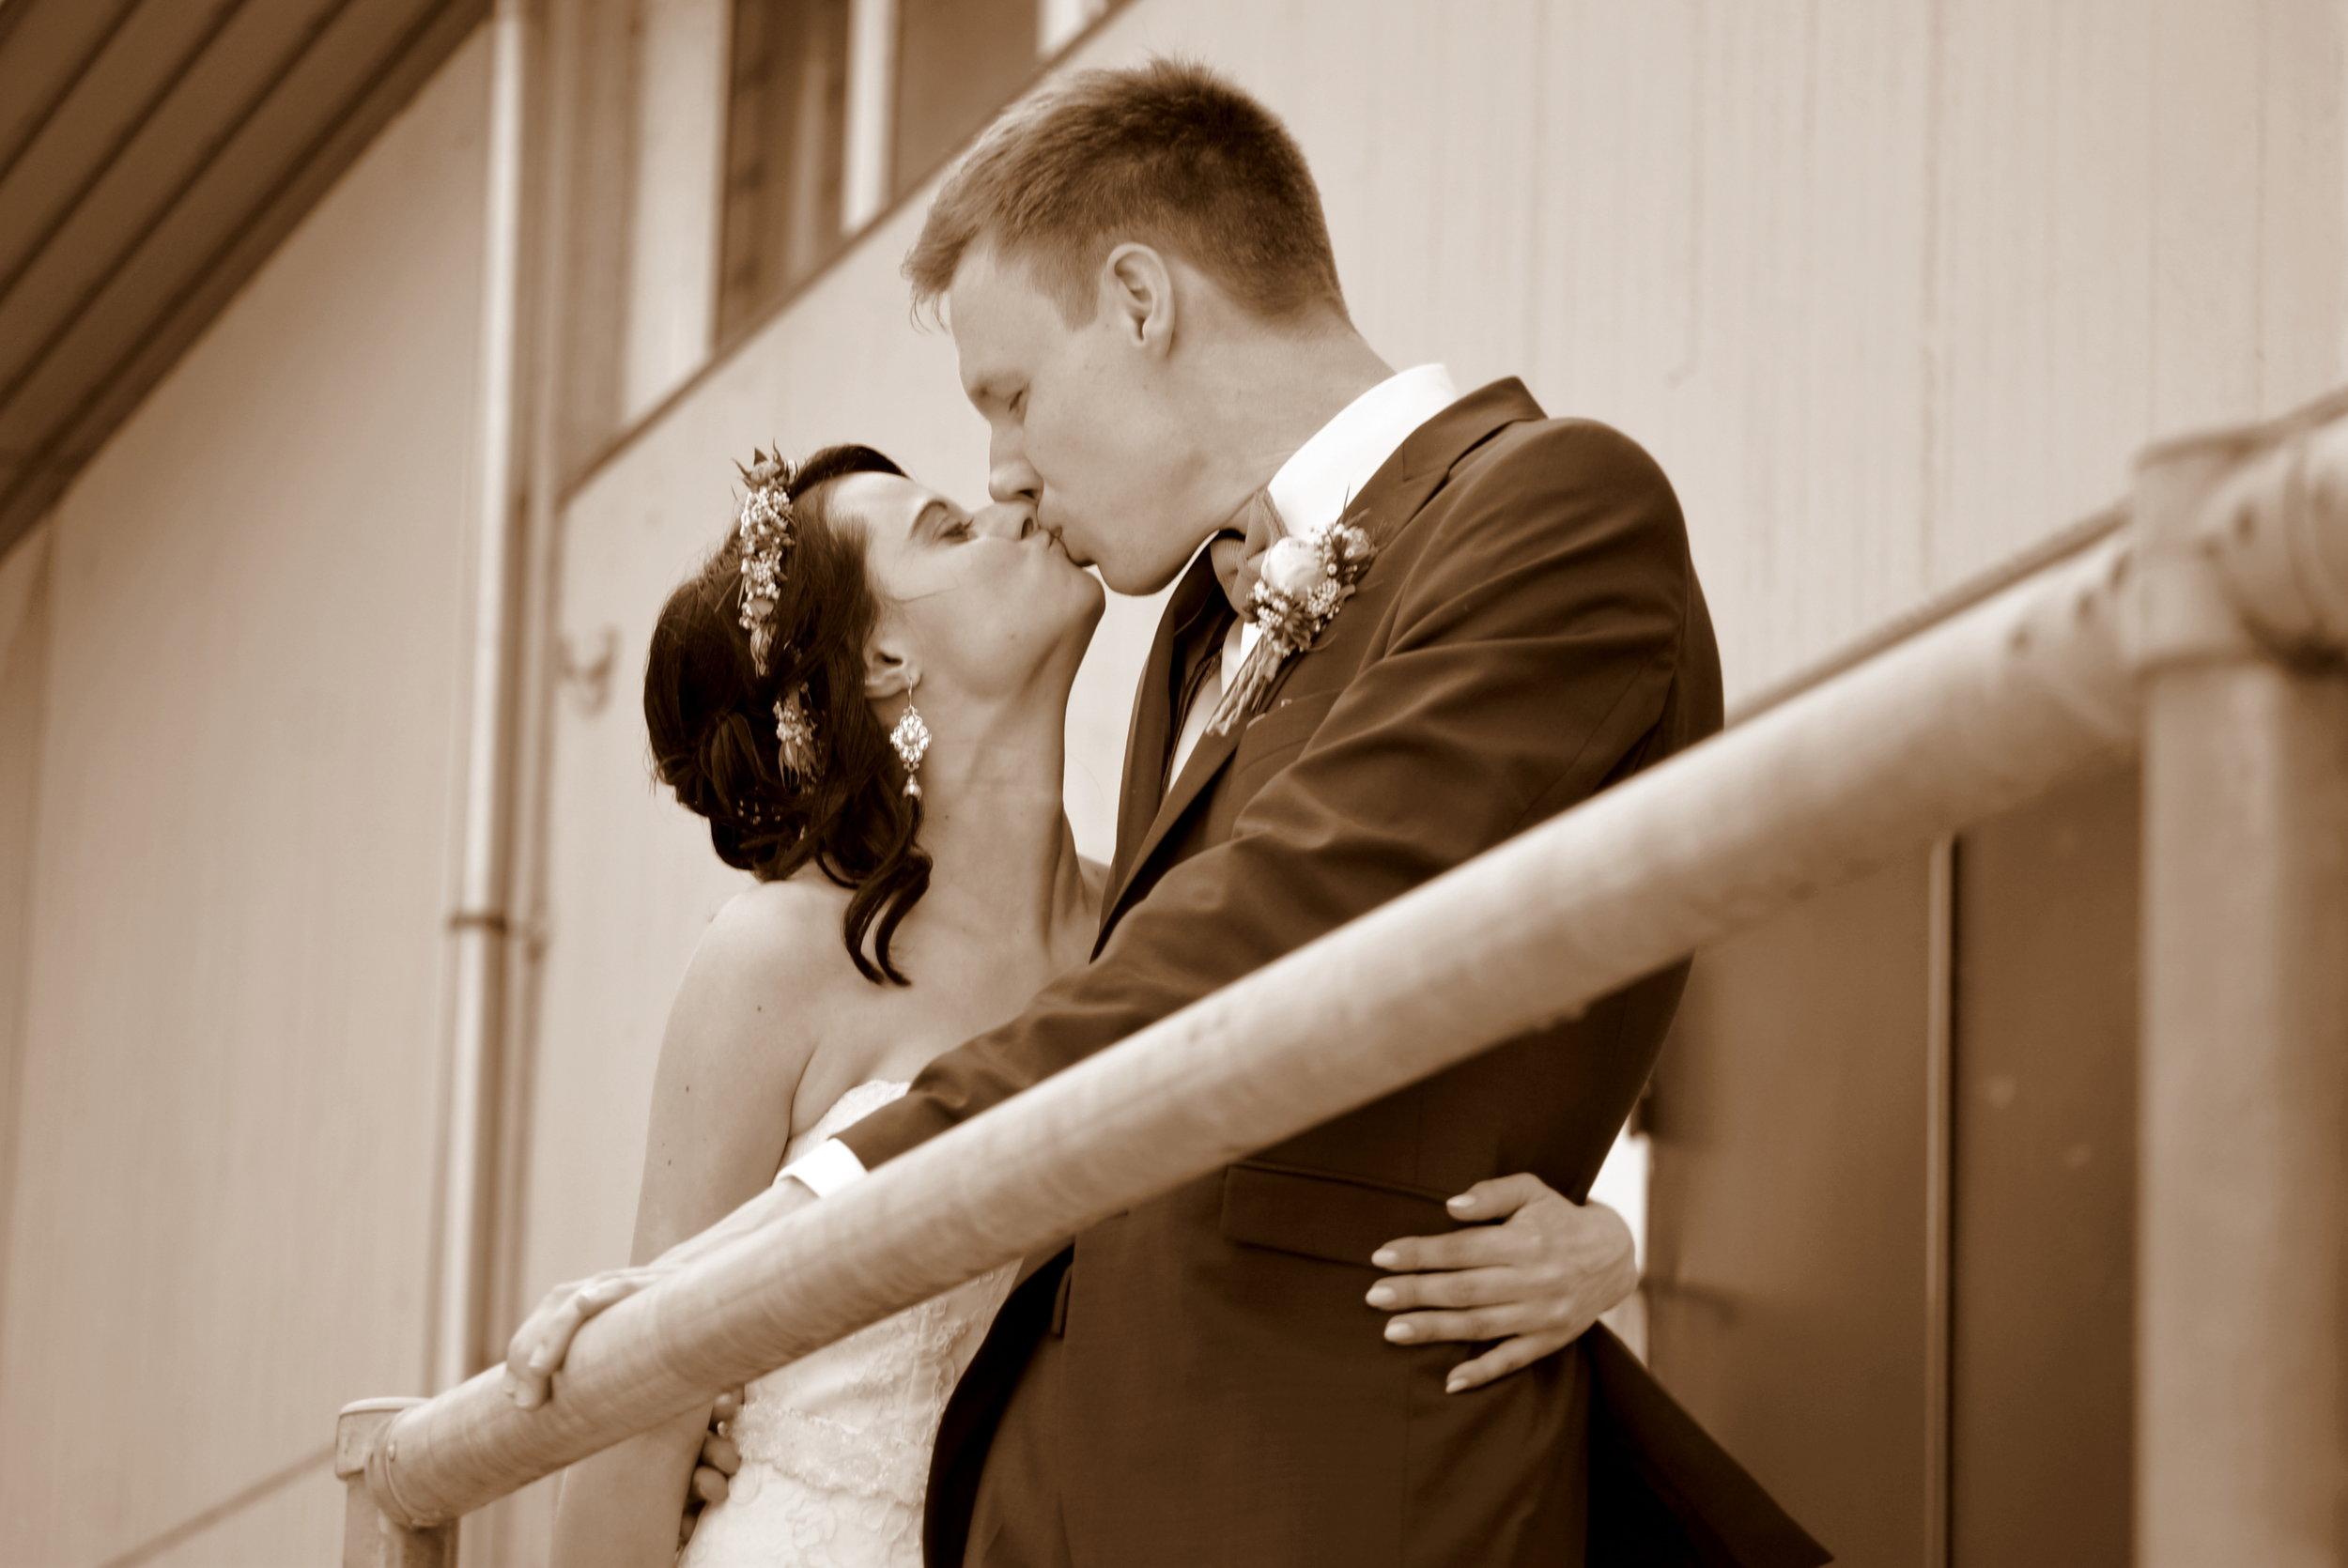 Hochzeit, Shooting, Kussbild, Paarshooting, Offenburg, Silke Berg, Individuellefotografie.de